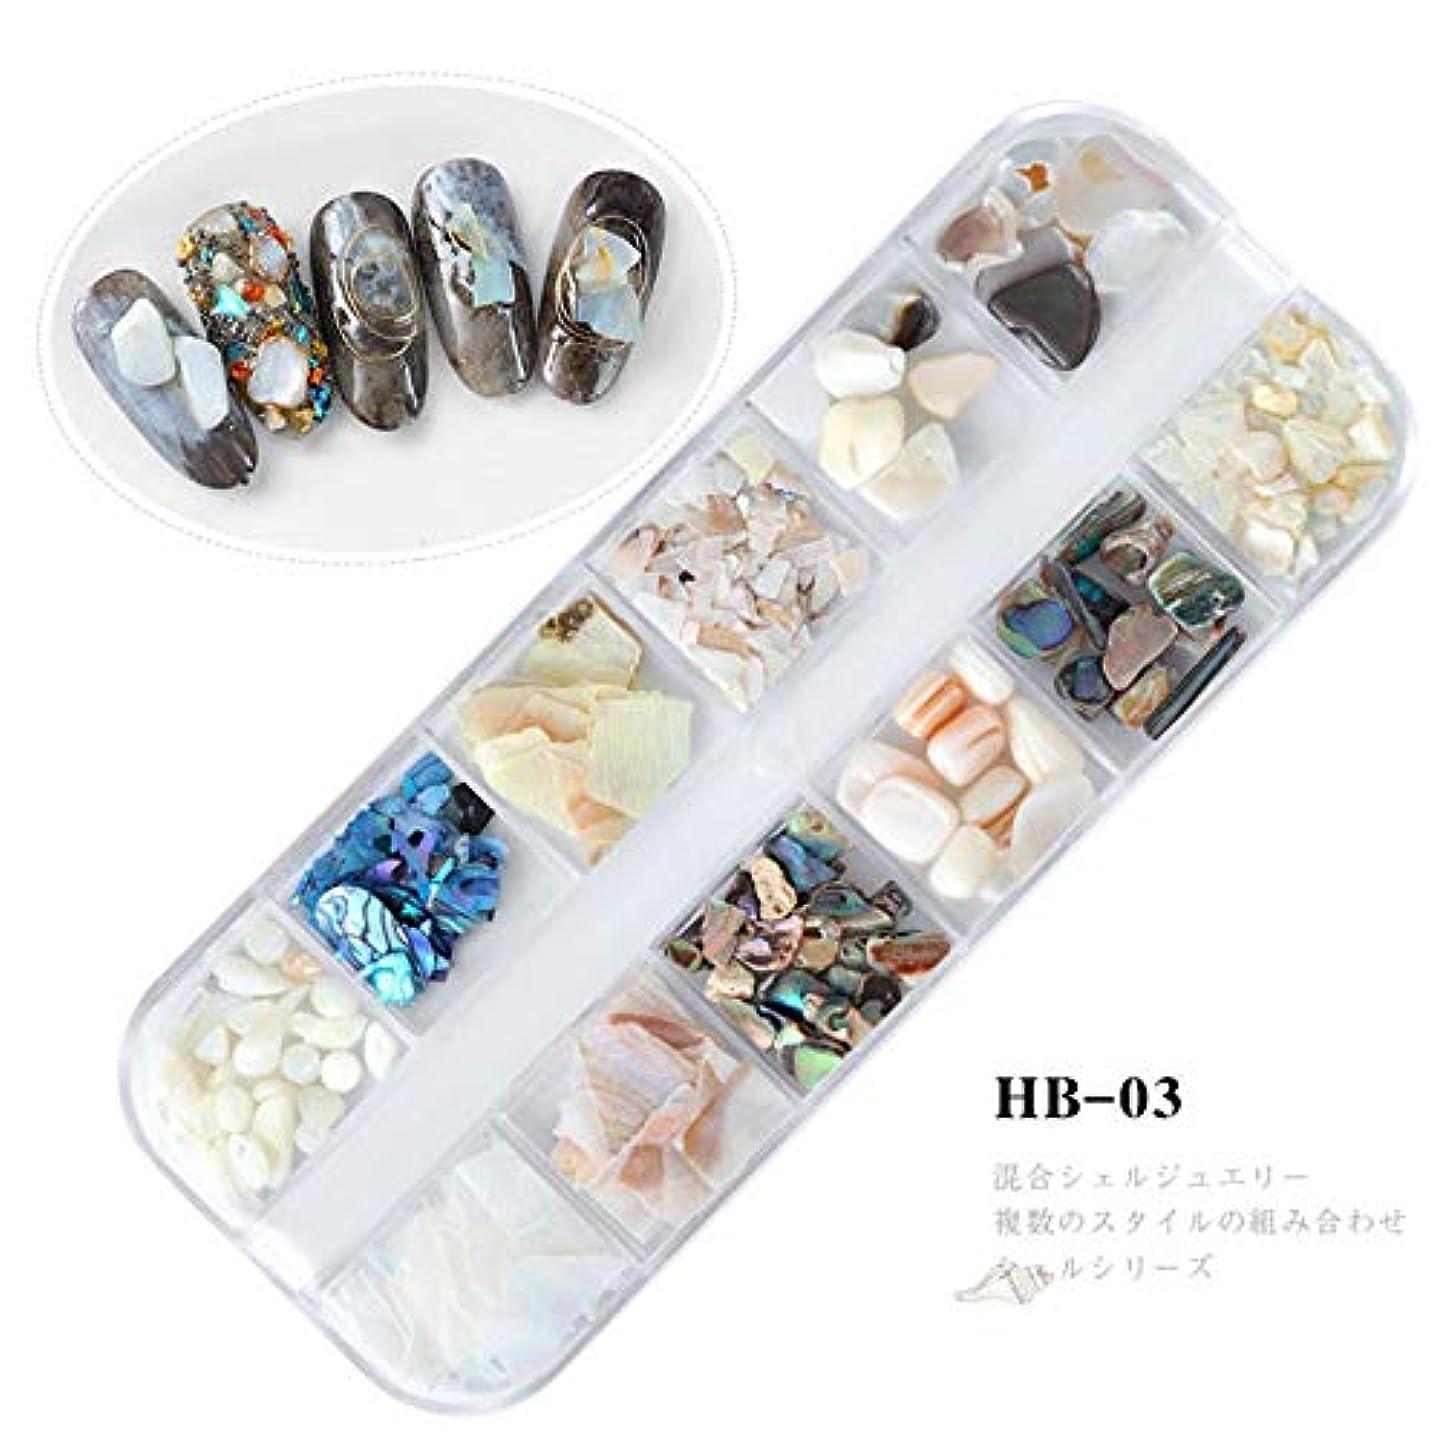 抑止する財布マトロン1箱ミックス自然の海シェルアワビのスライスグラデーション砕石3Dネイルアートの装飾UVジェルデザインマニキュアアクセサリー,3